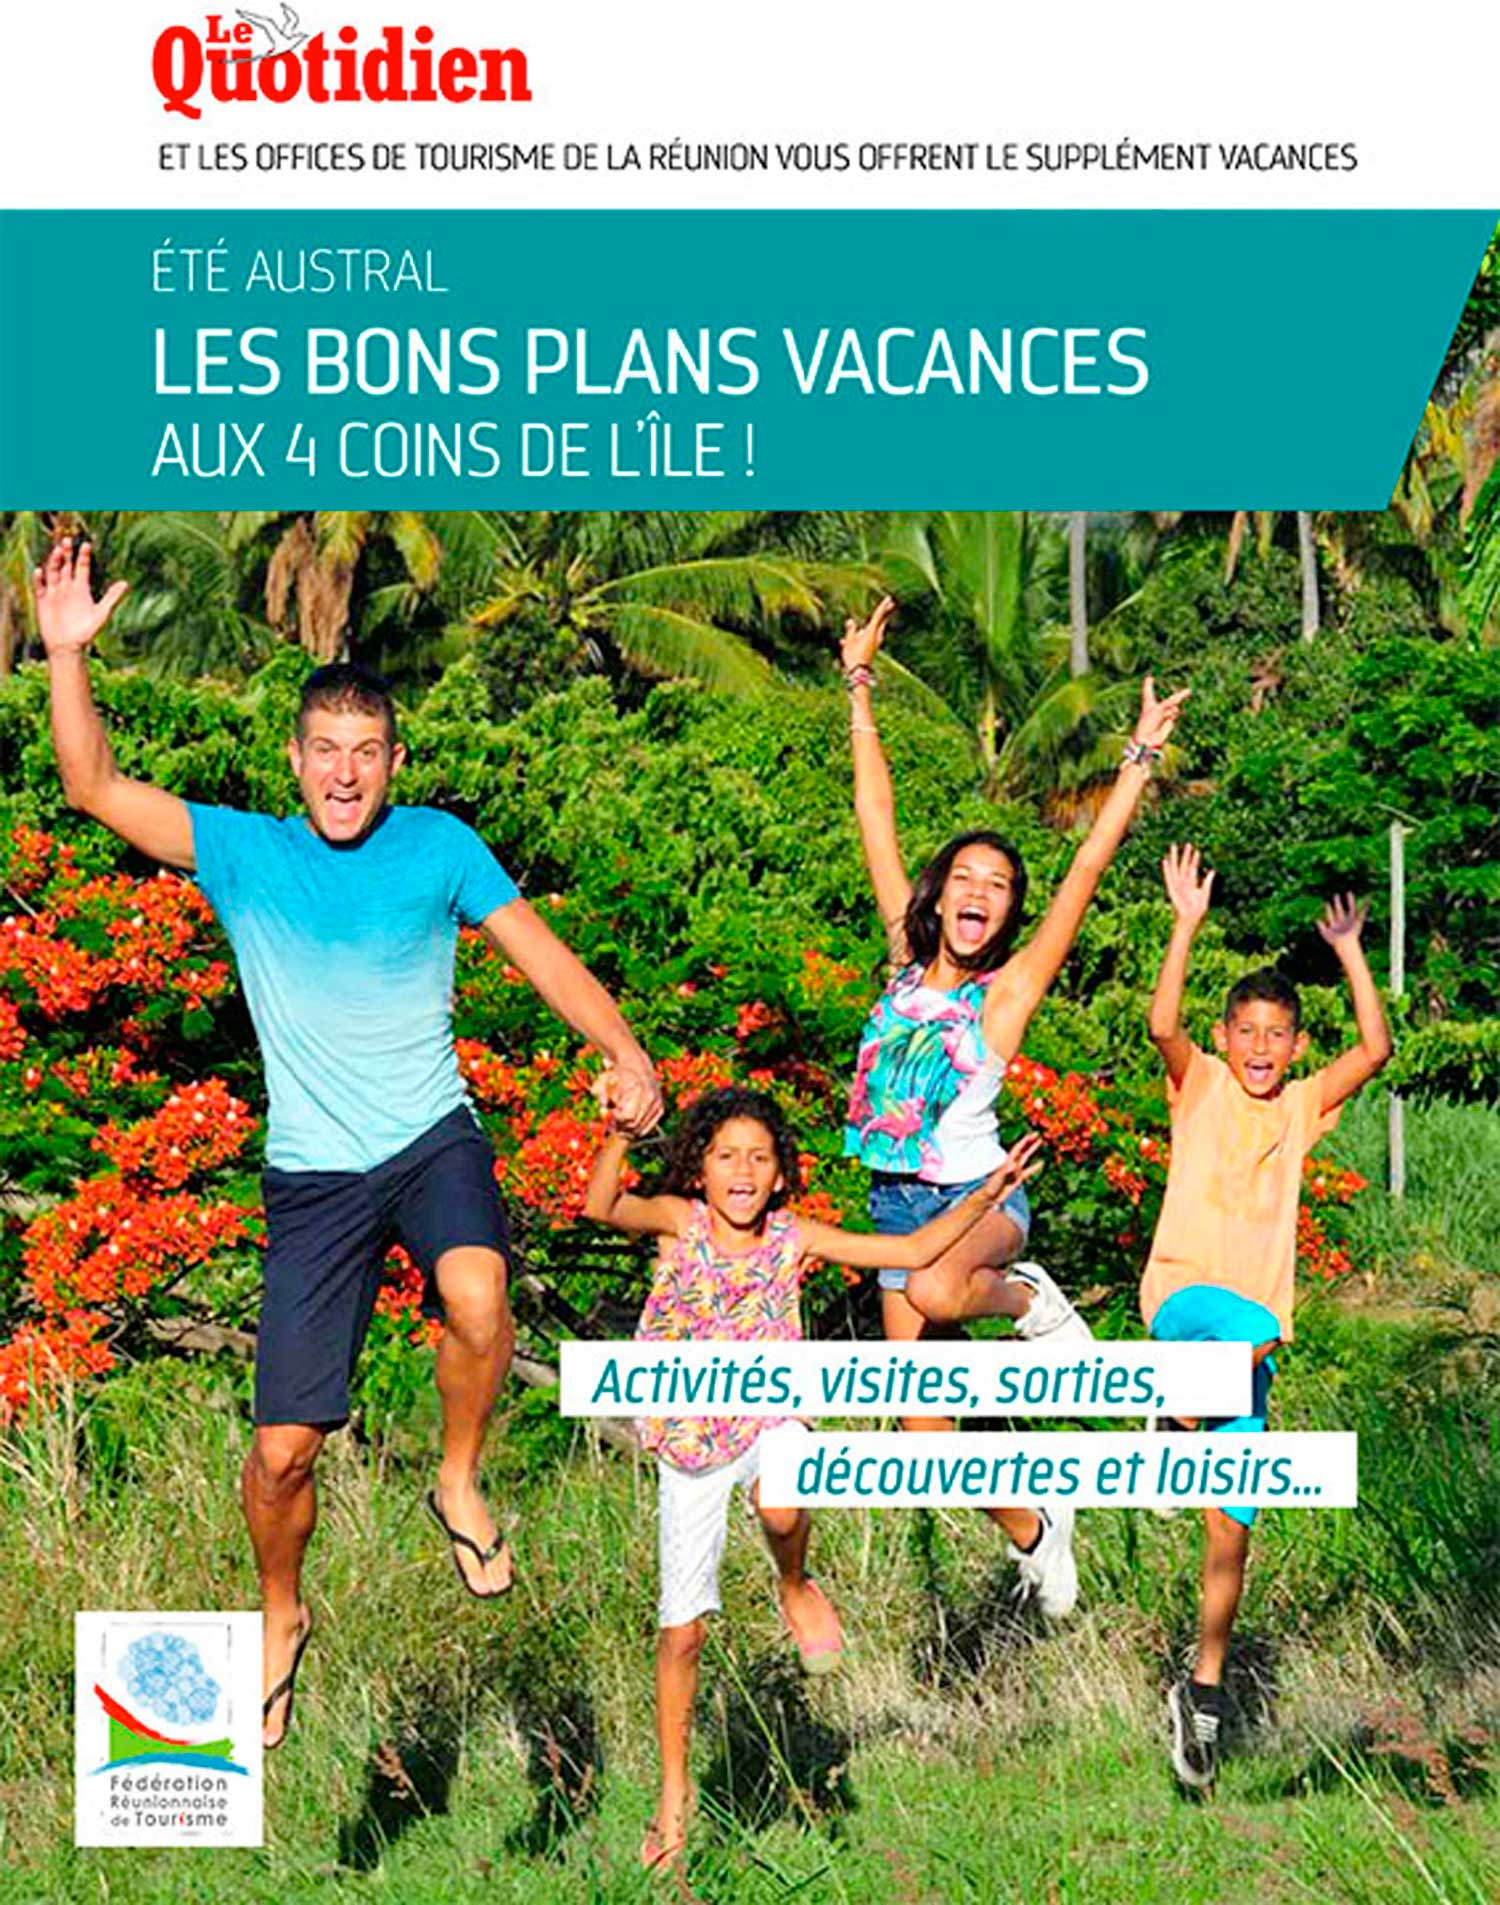 ARTICLE-Les bons plans vacances